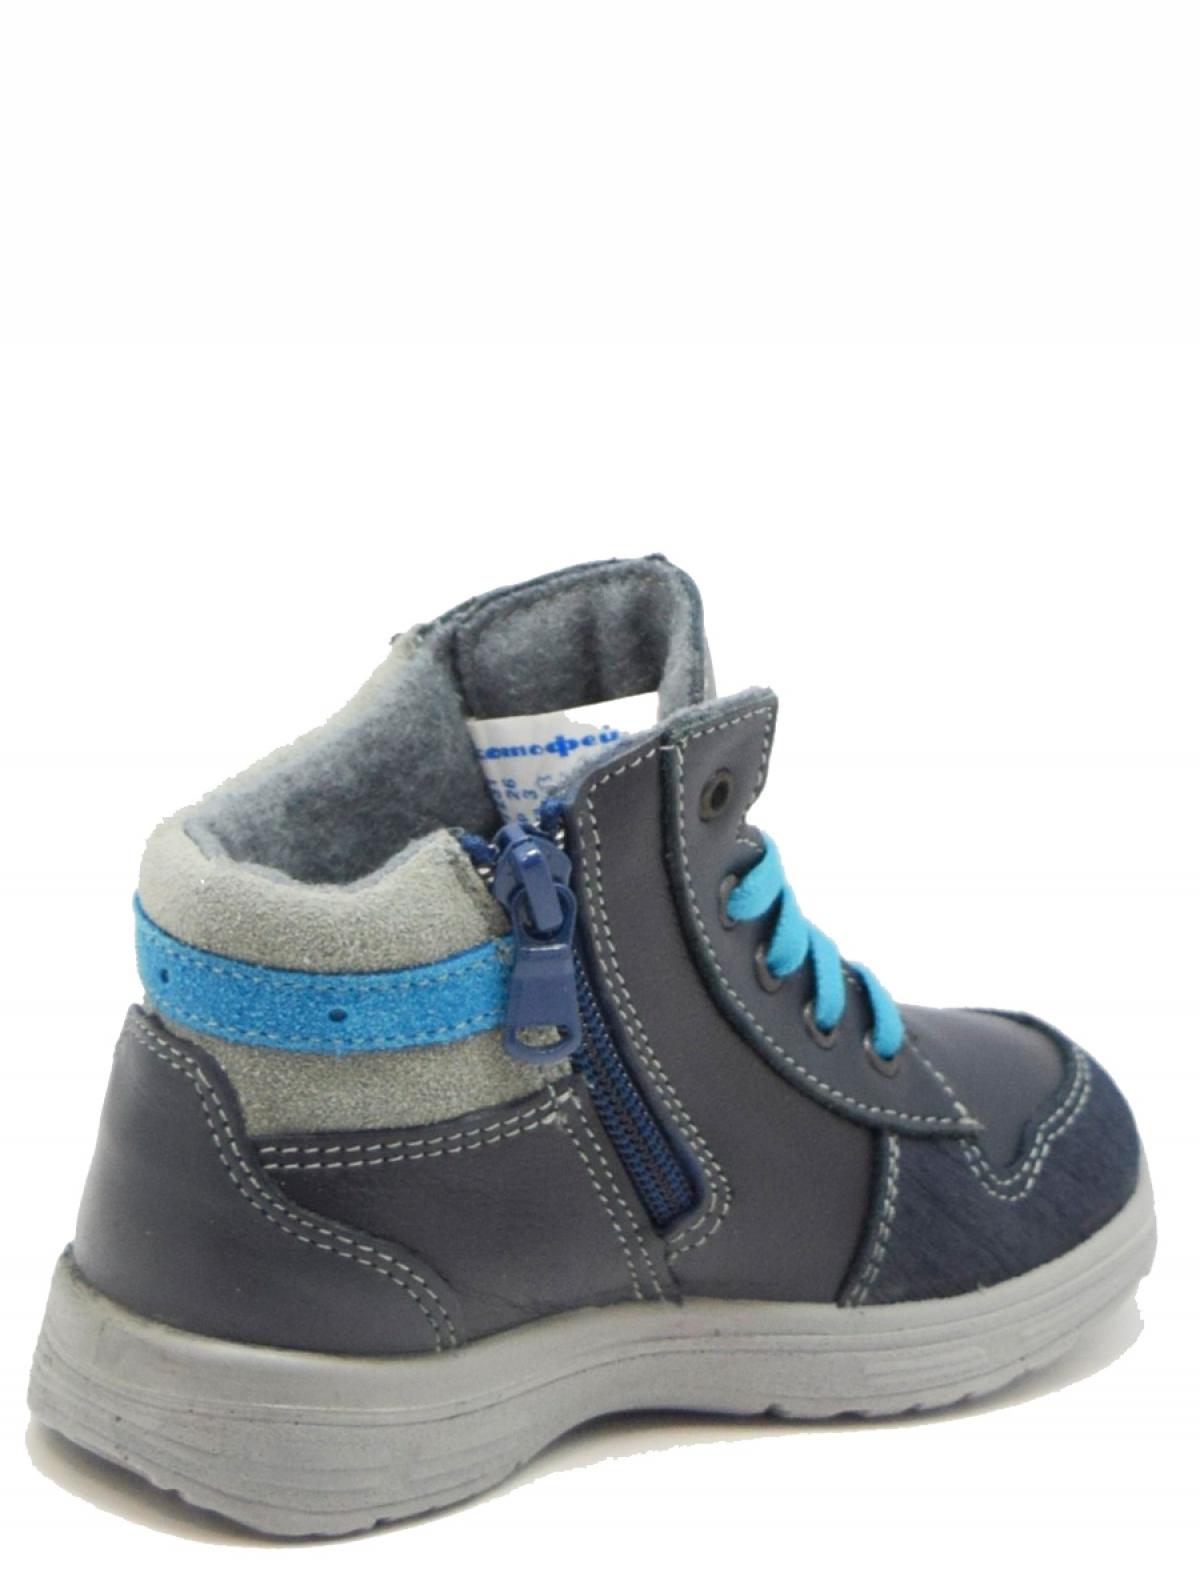 Котофей 352172-31 детские ботинки